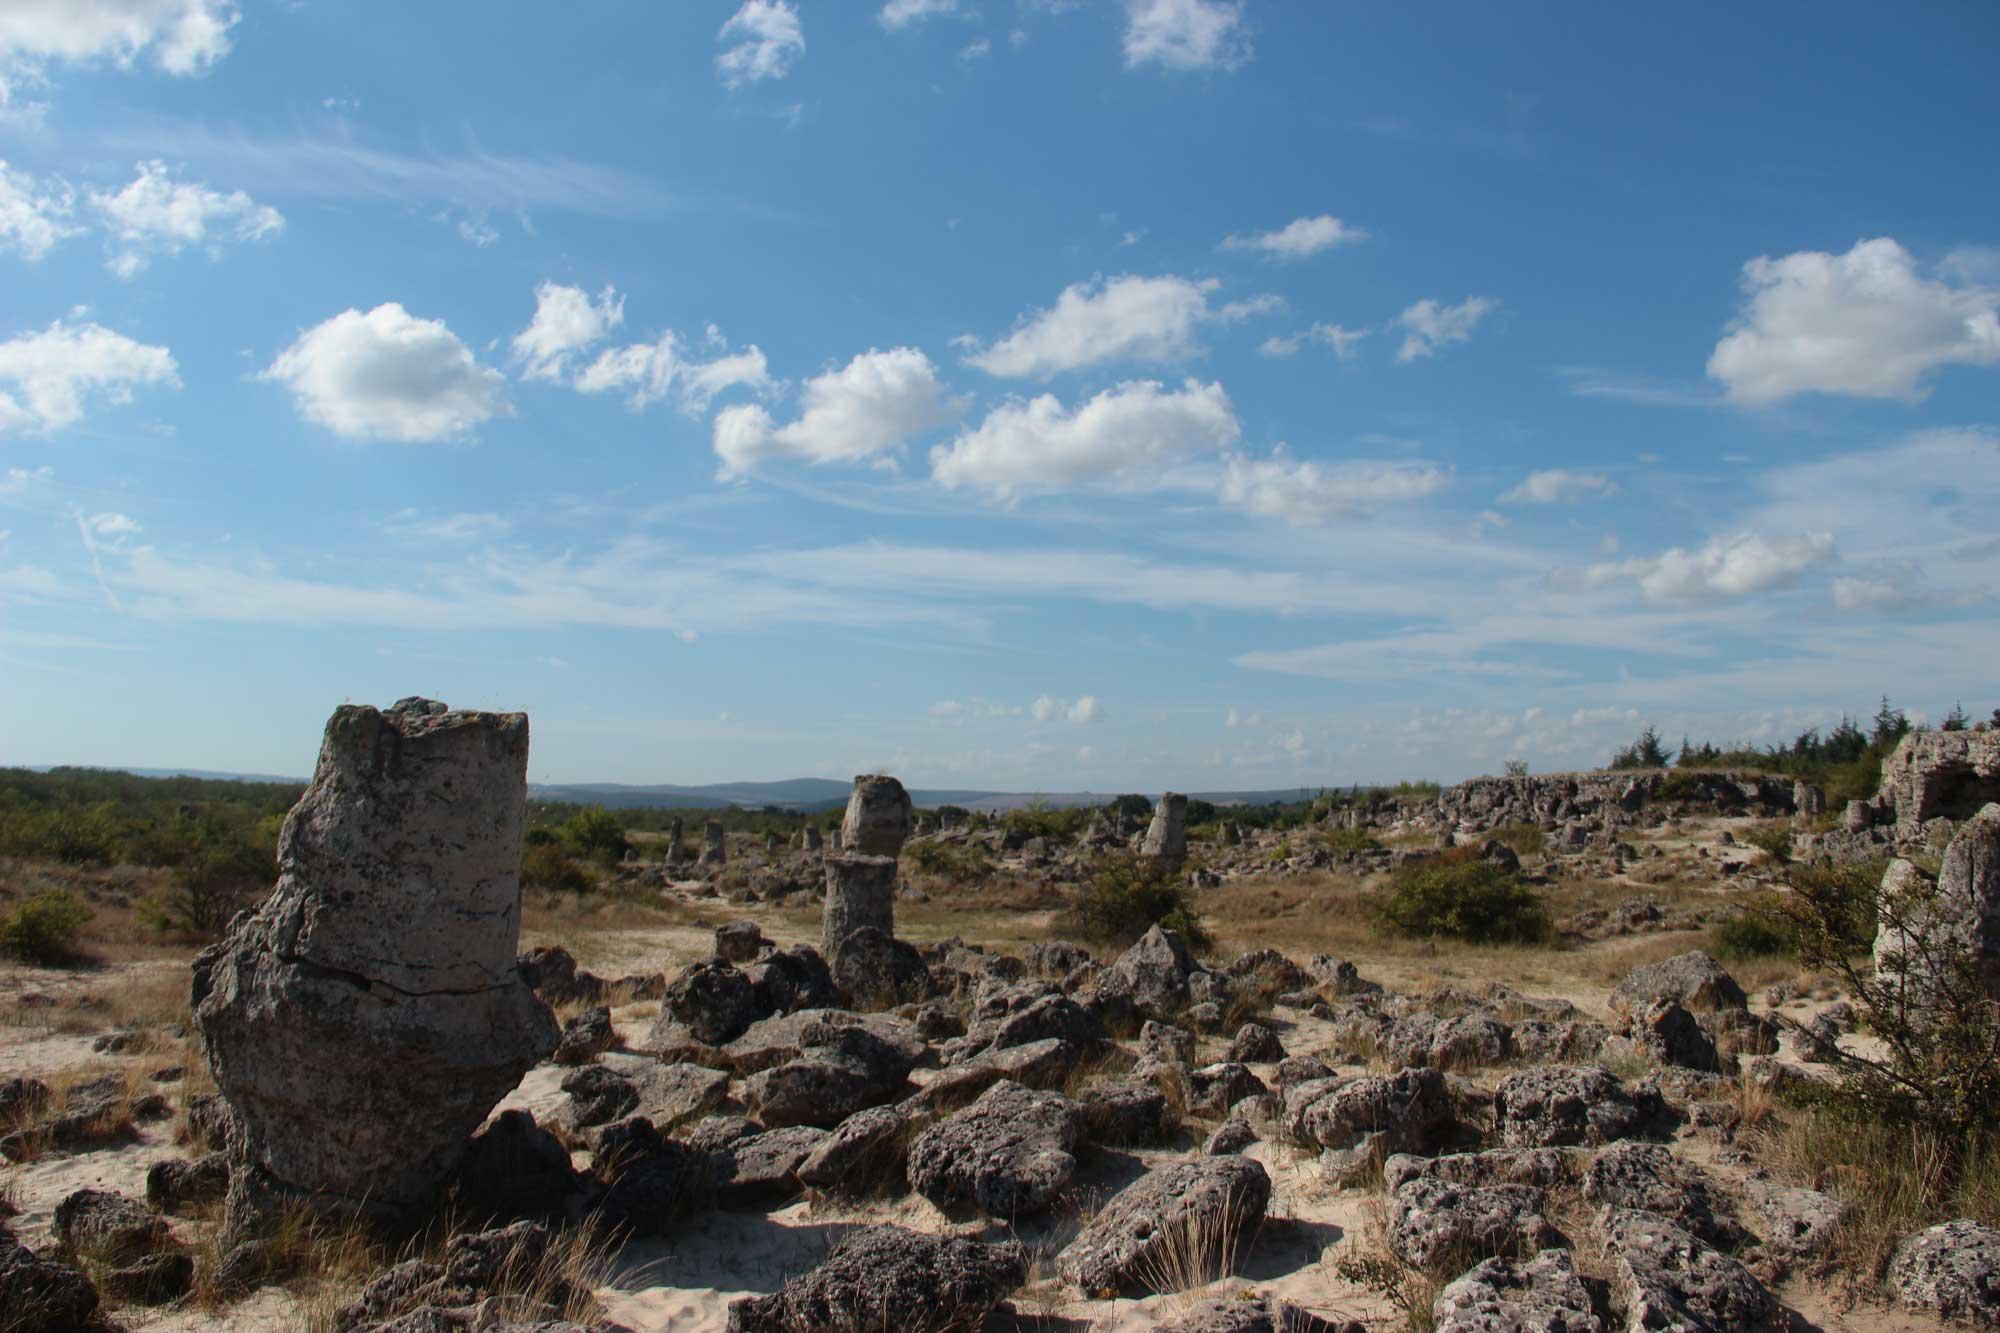 панорама на вбитые камни